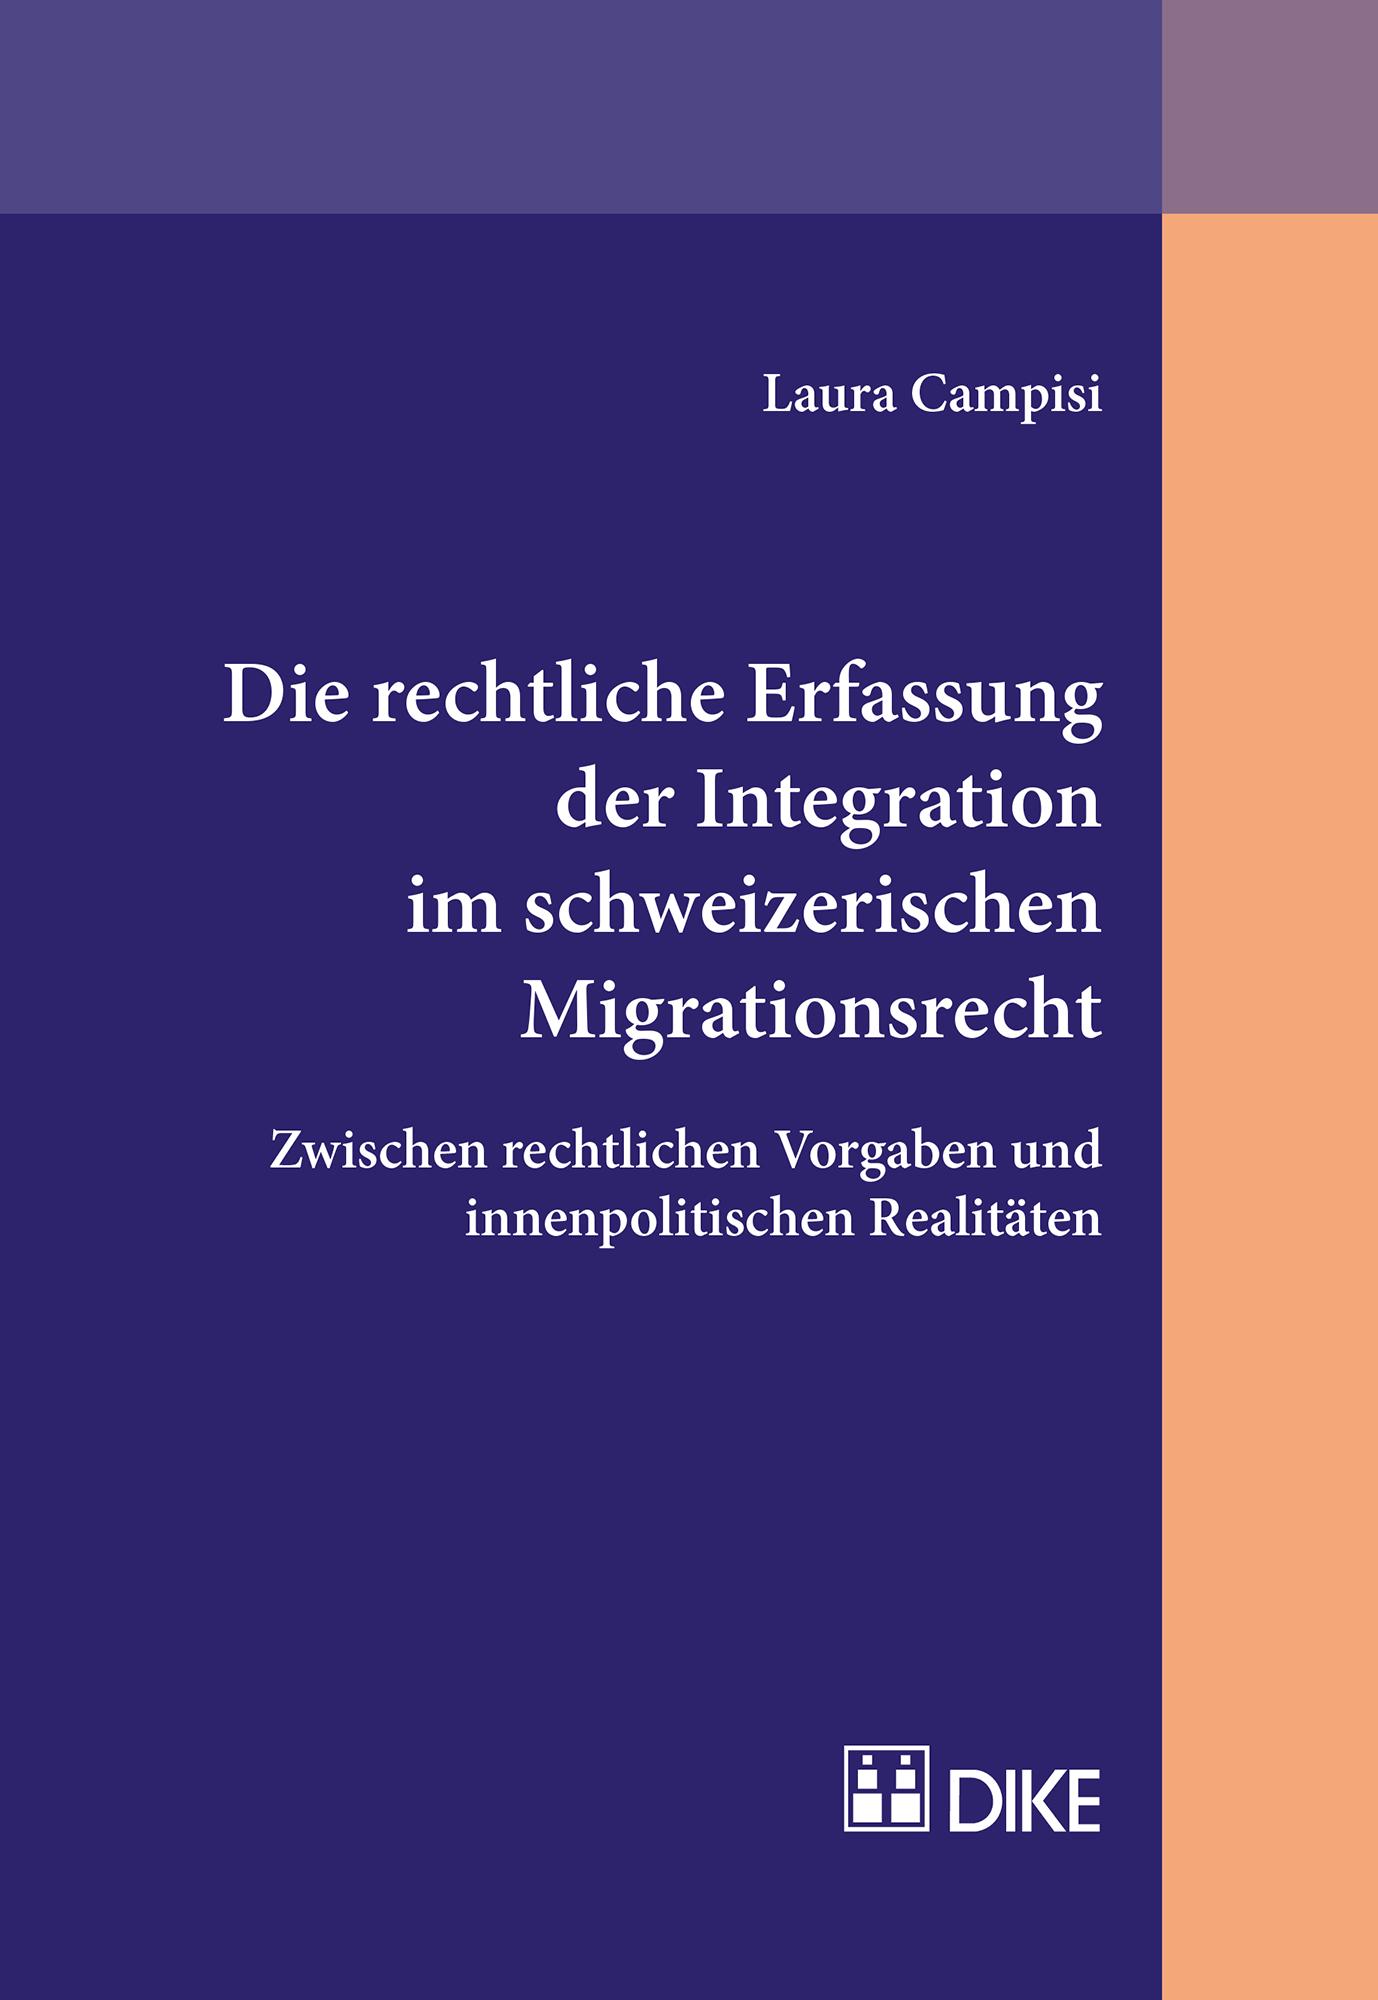 Die rechtliche Erfassung der Integration im schweizerischen Migrationsrecht